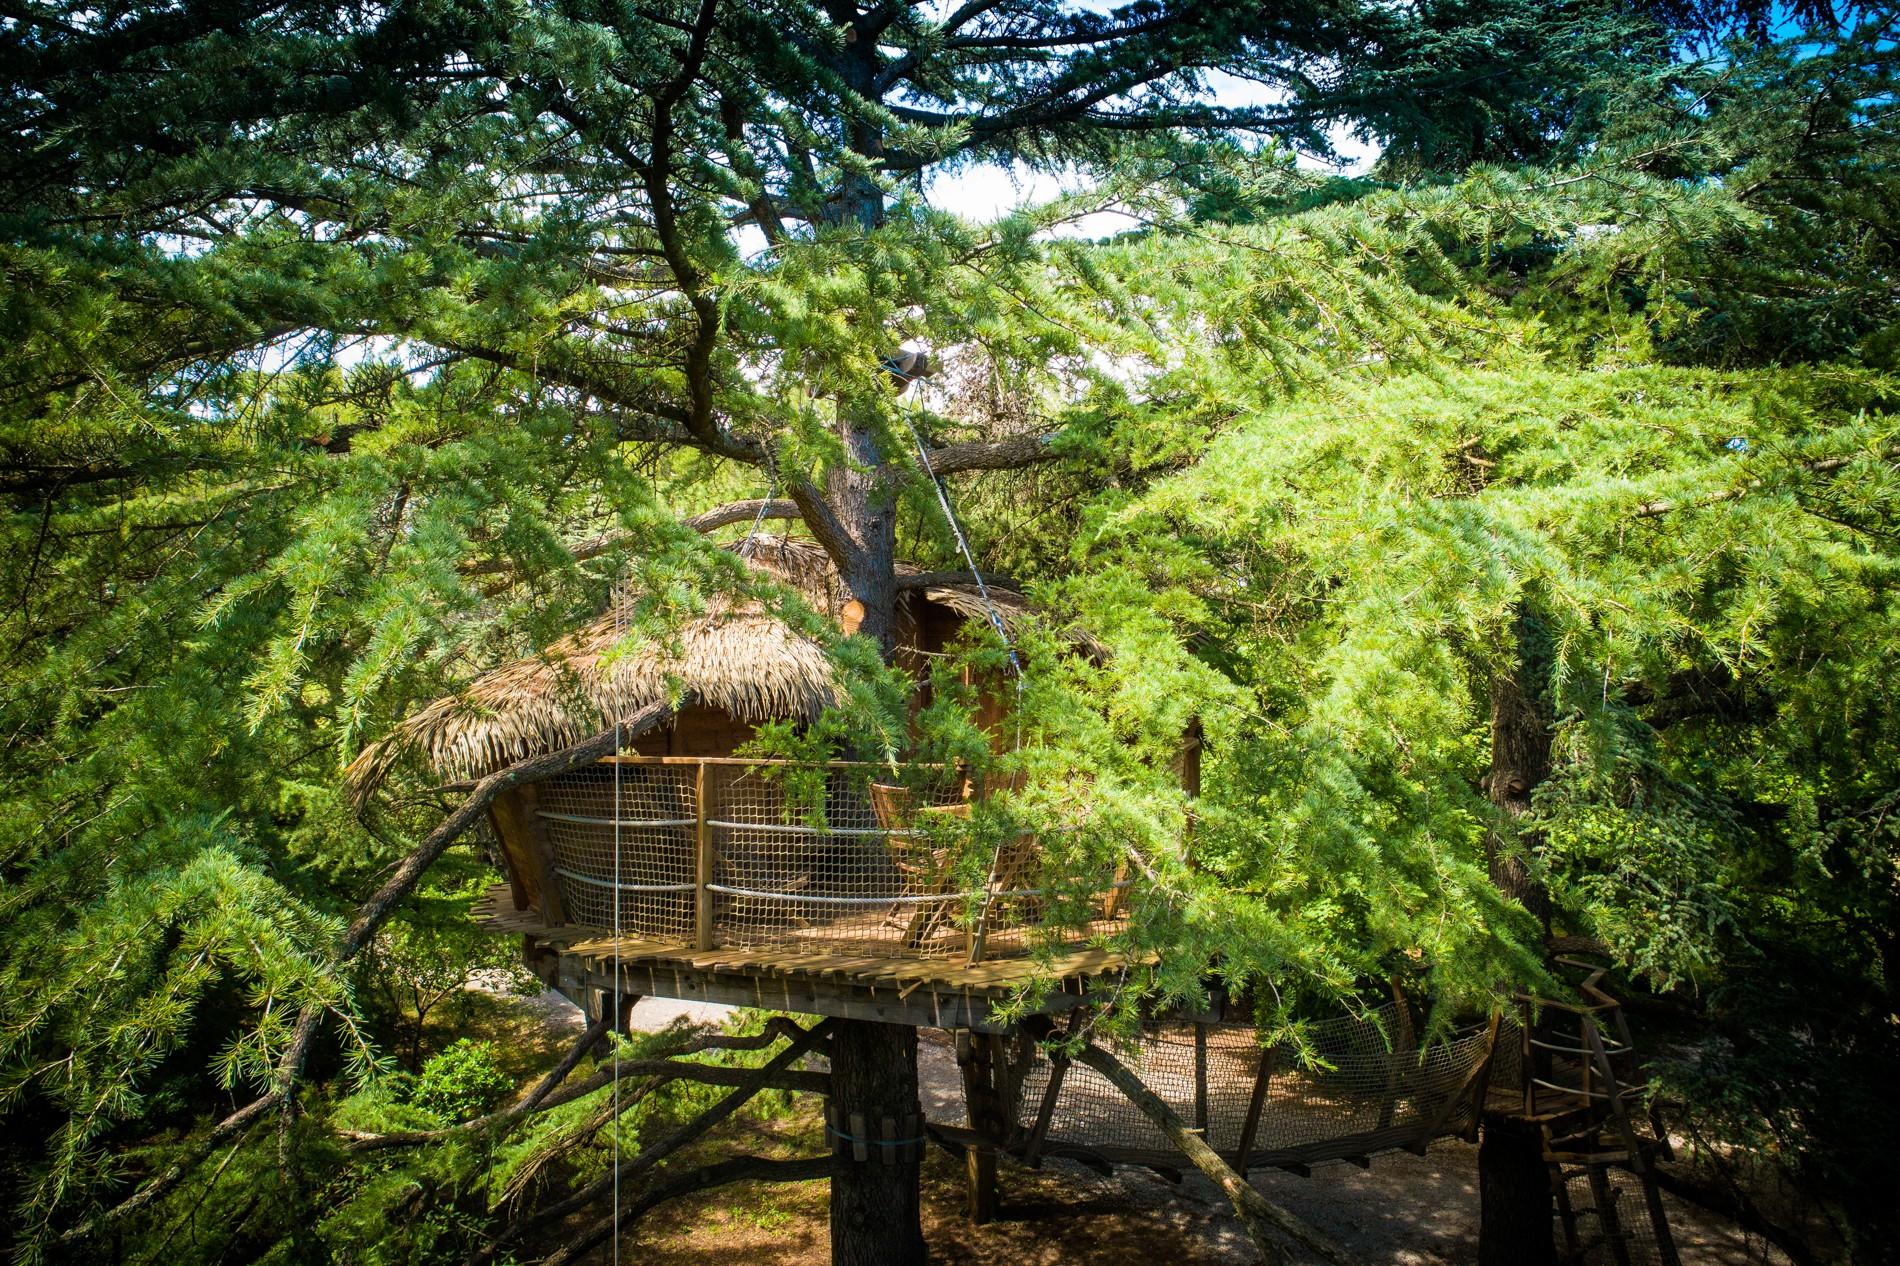 Photo 8 extérieur - Cabanes dans les arbres - Grand Duc -hébergement insolite à Montpellier - Tourisme de nature - Domaine saint Jean de l'Arbousier, Castries, Hérault